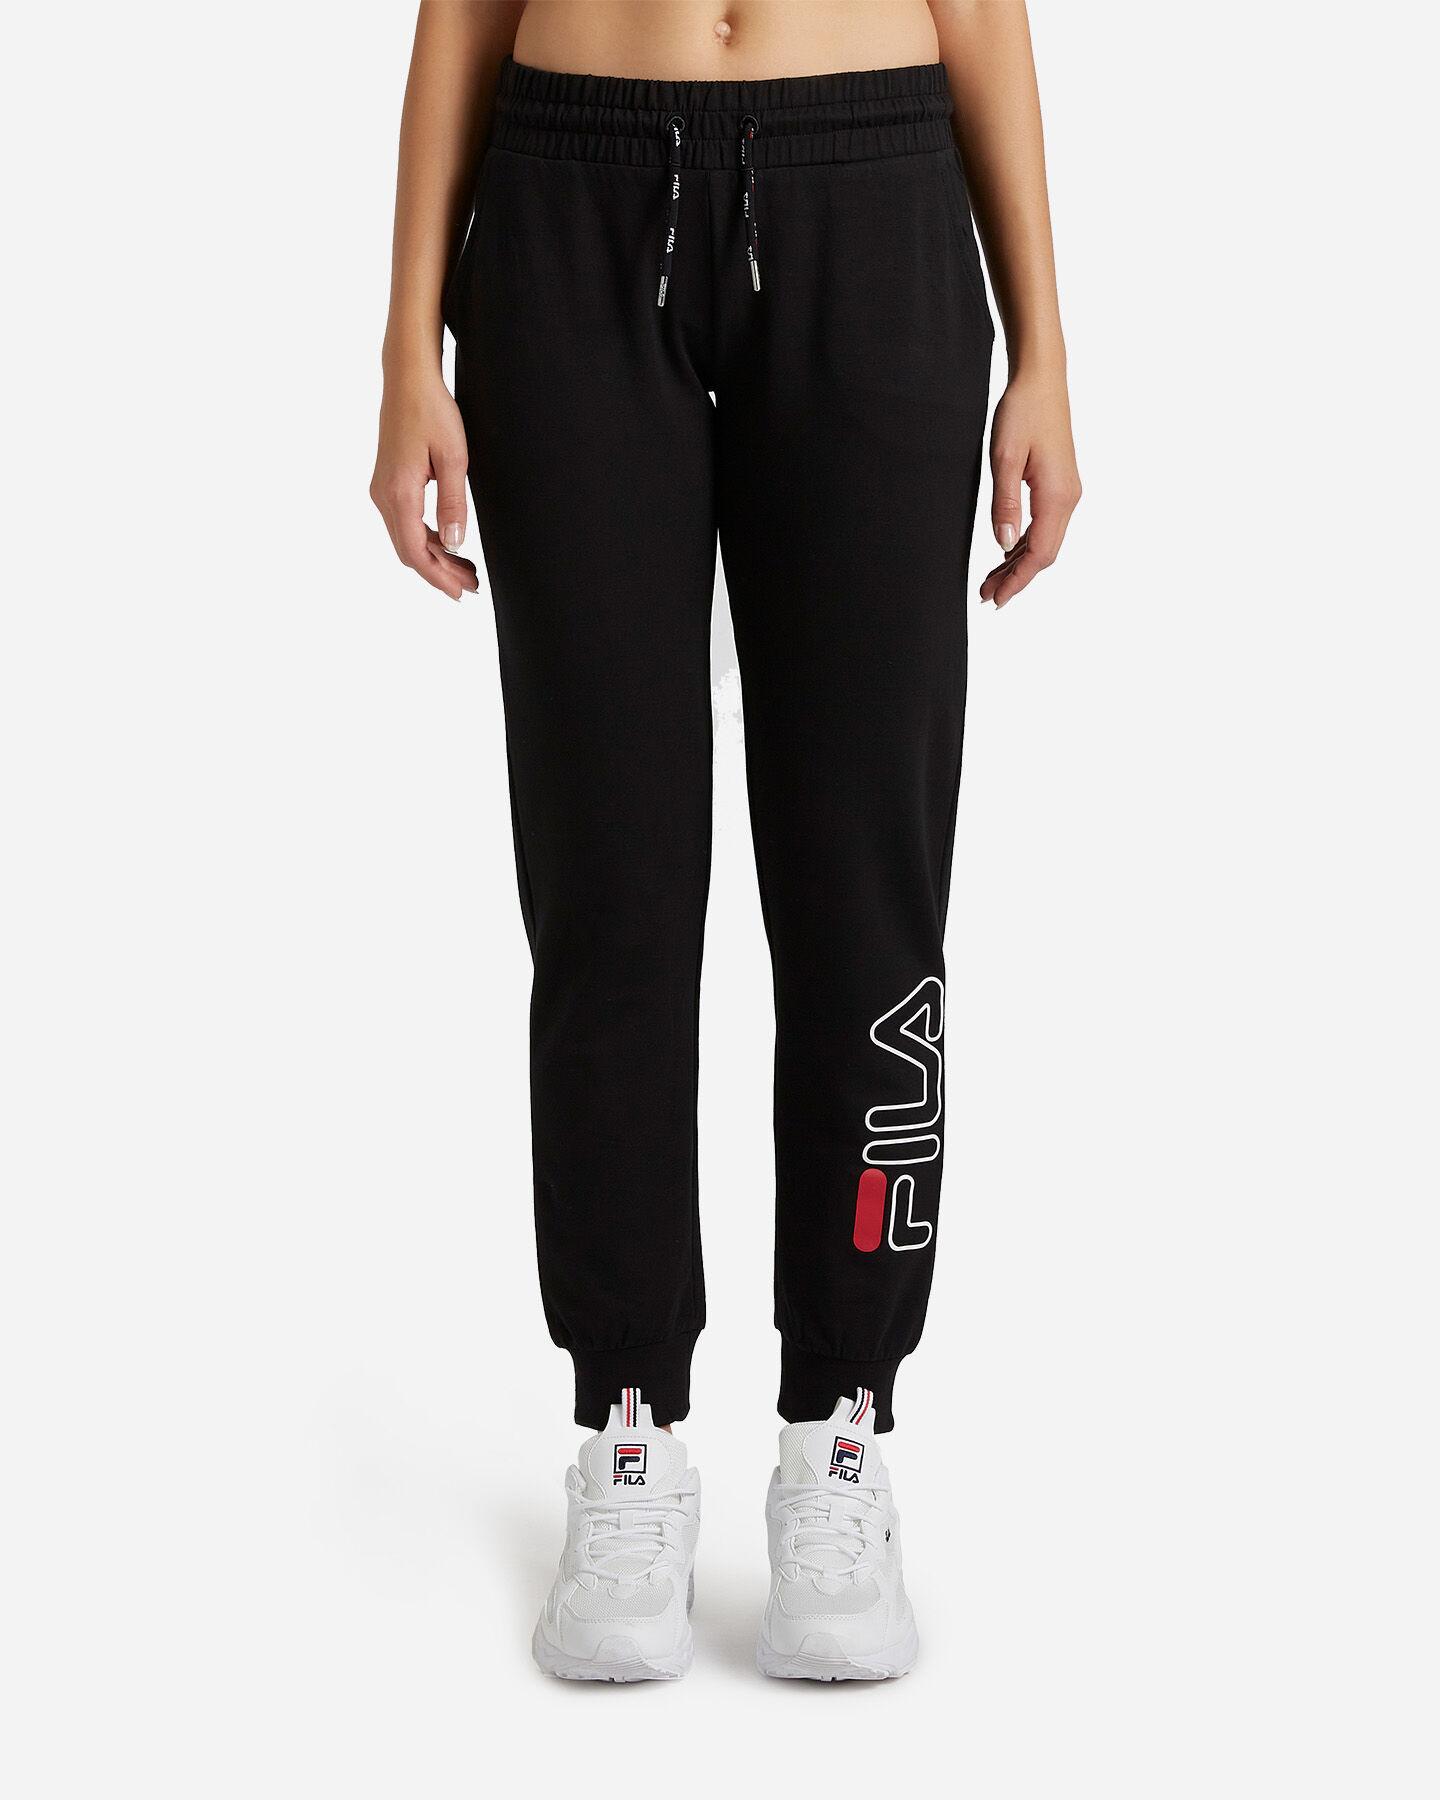 Pantalone FILA LOGO W S4067241 scatto 0